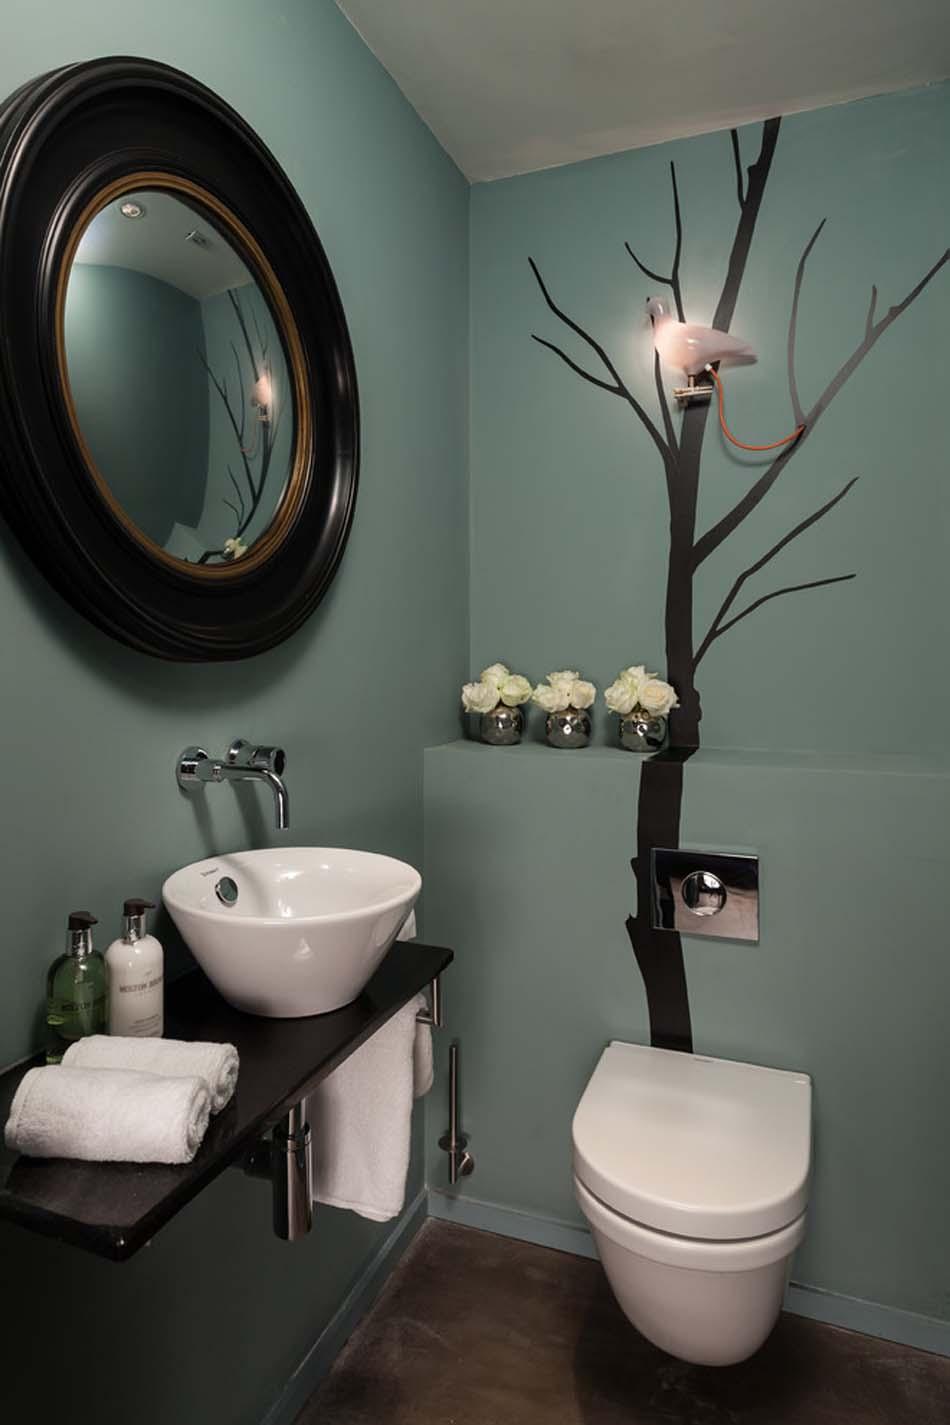 Déco pour wc toilettes - Exemples d\'aménagements